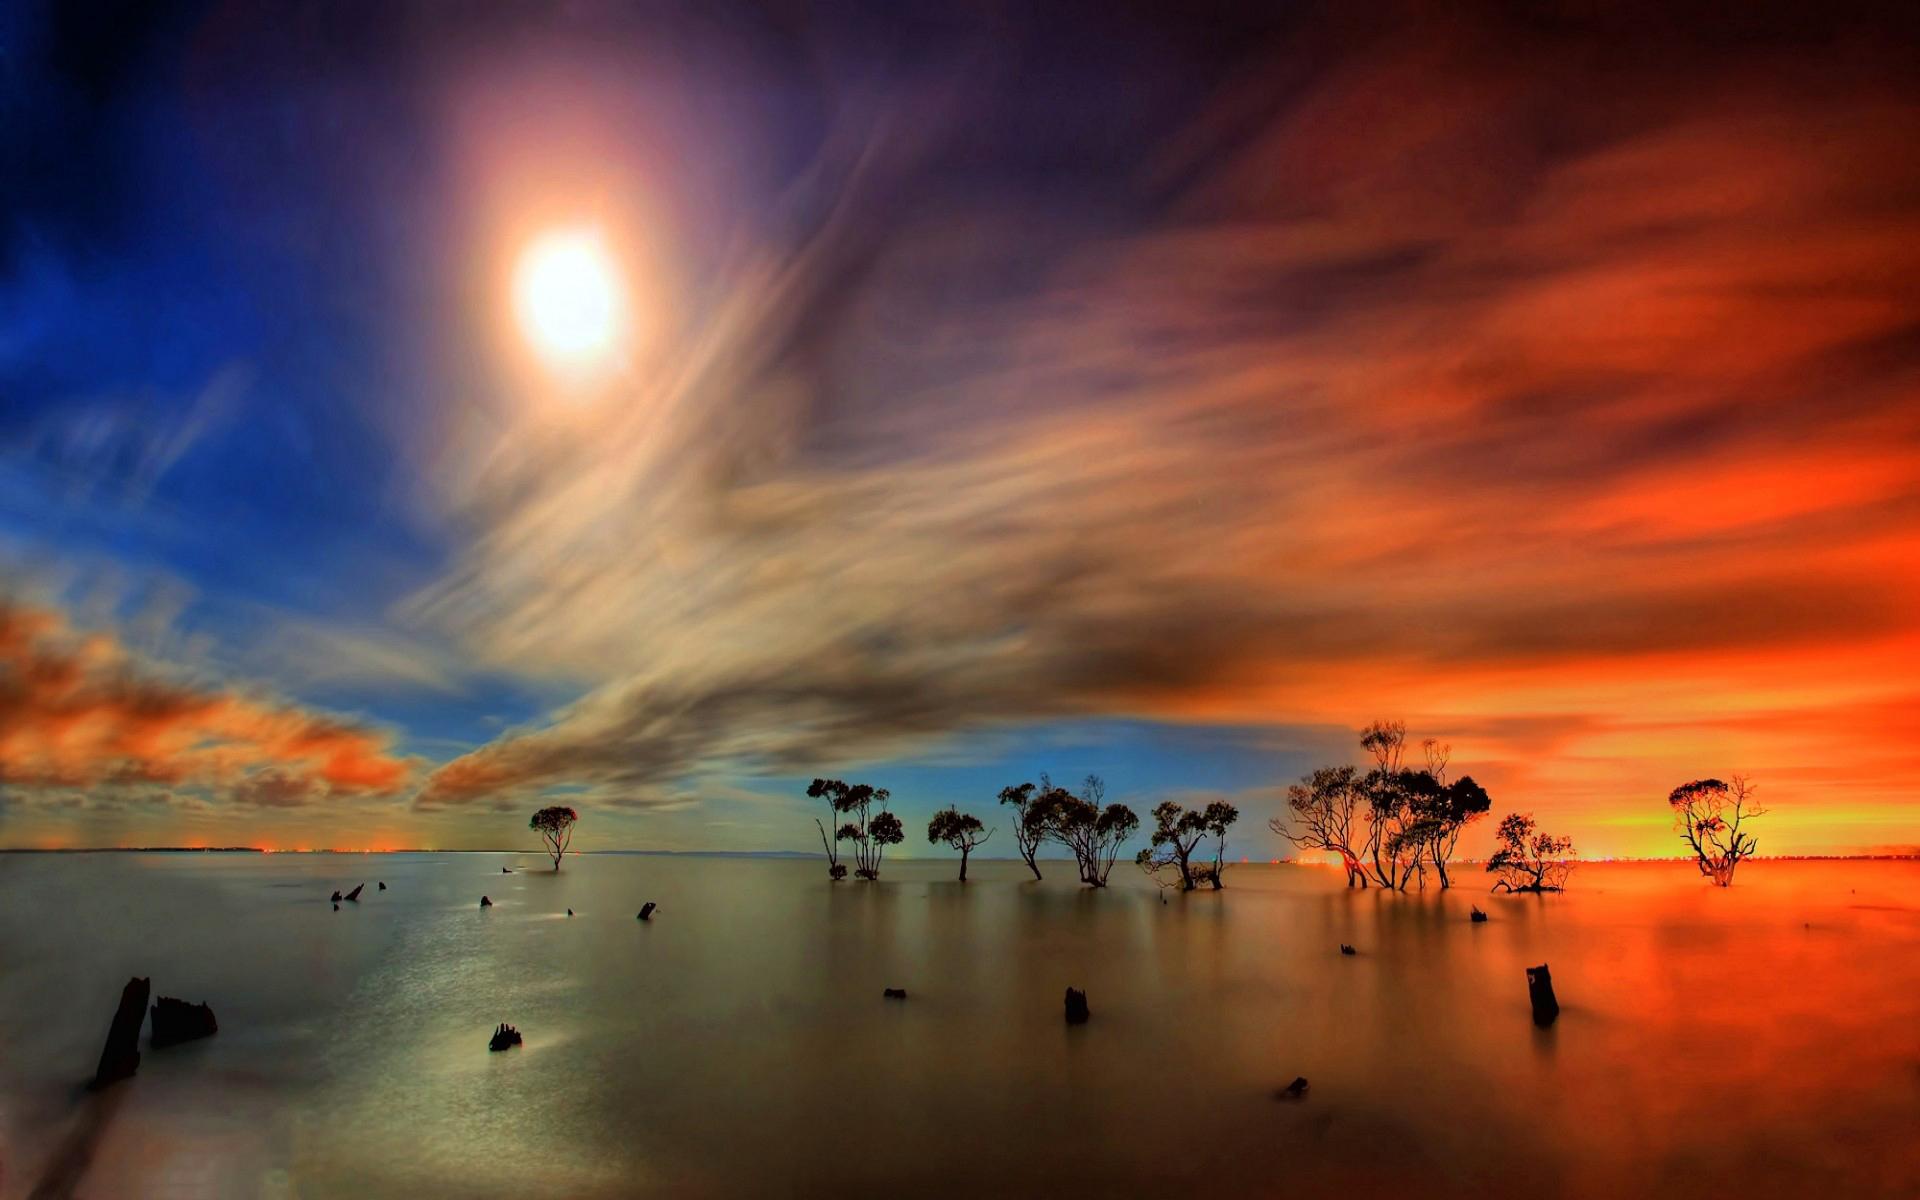 природа горизонт солнце озеро облака отражение  № 623438 загрузить